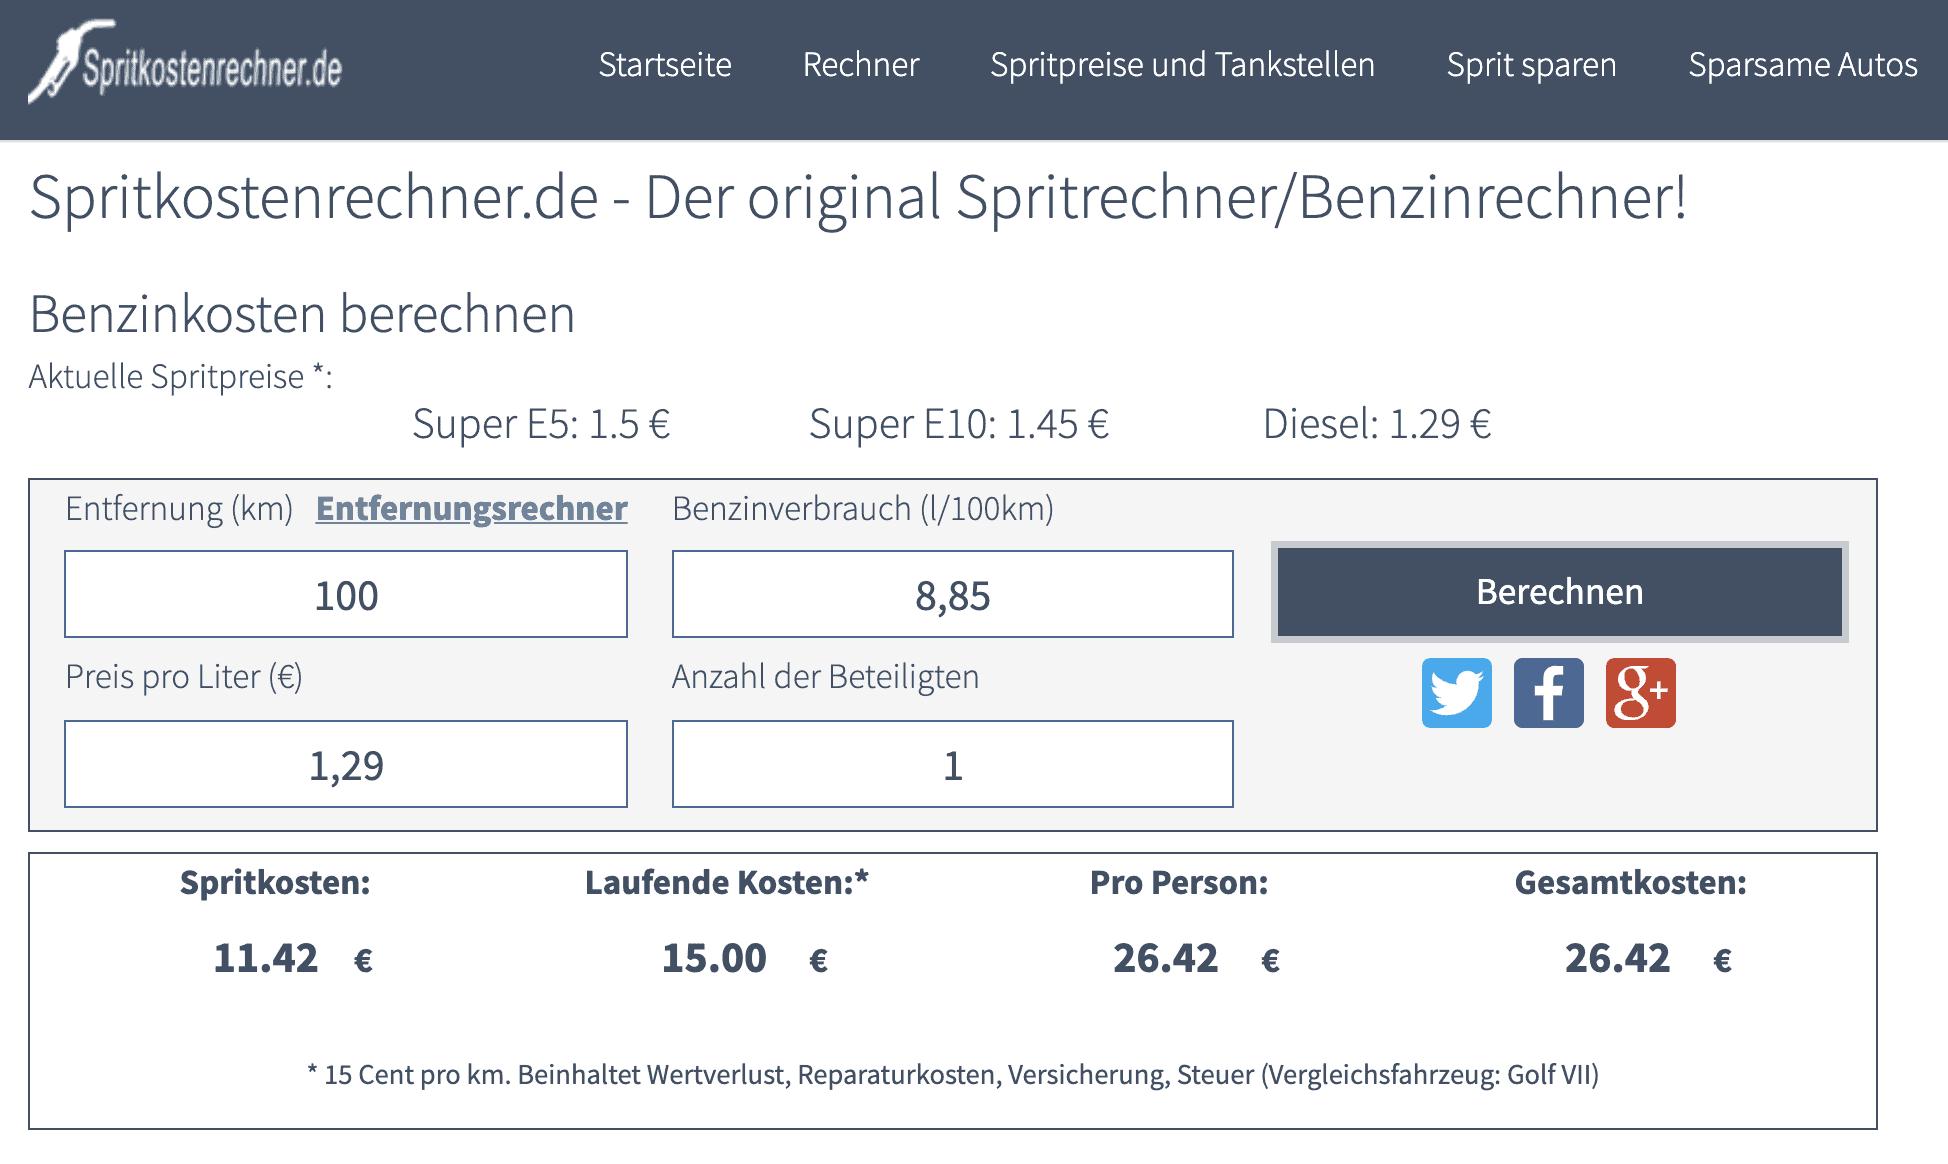 Verbrauchskosten berechnen auf Spritkostenrechner.de